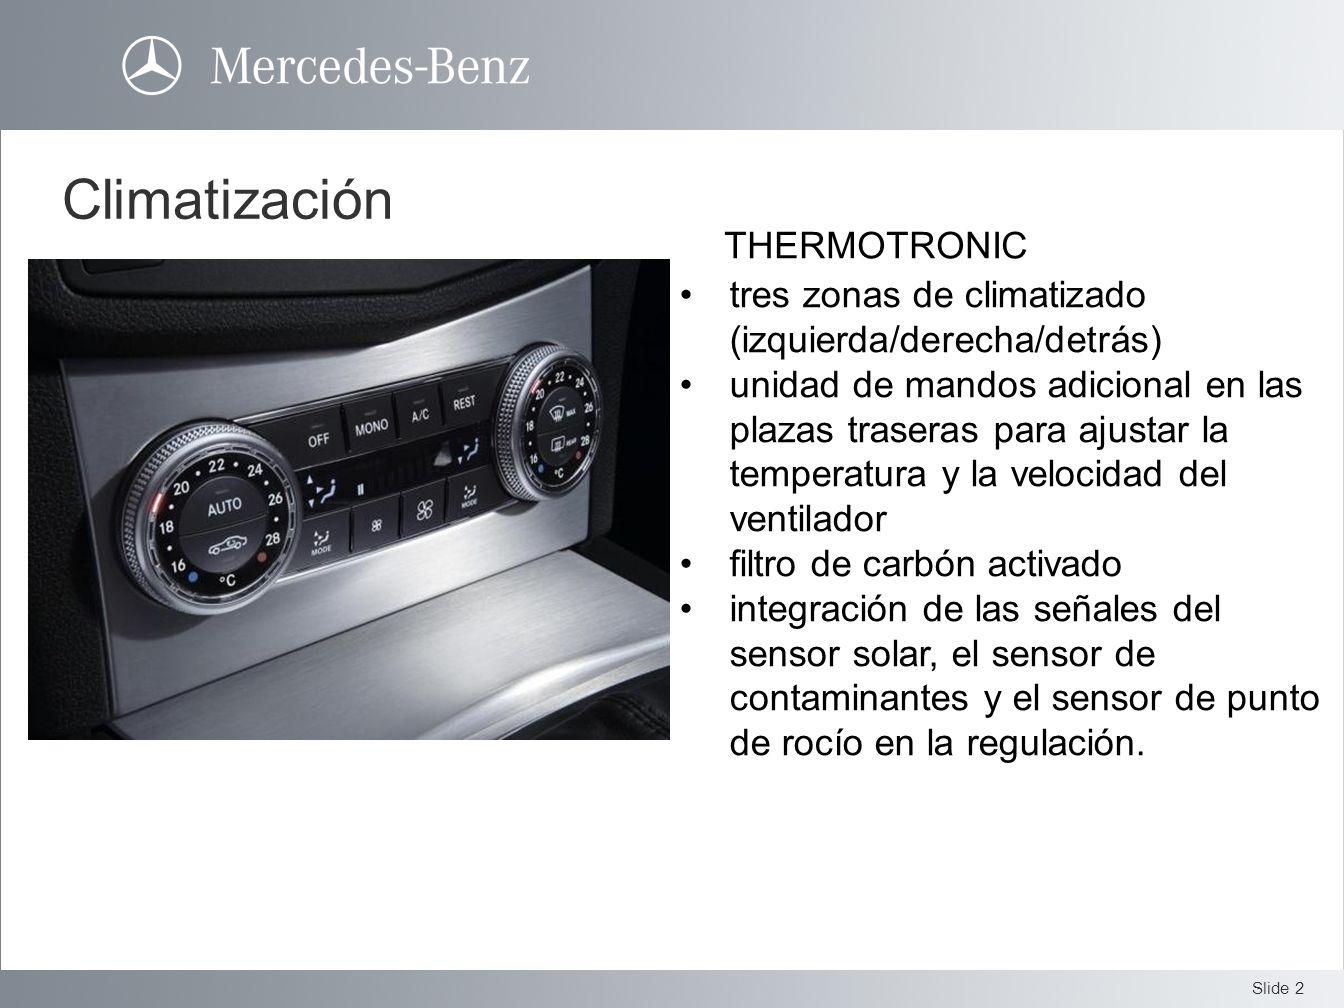 Slide 3 Cierre de confort Con la tecla de cierre de circulación de aire se puede activar el cierre de confort de los cristales y techo solar eléctrico.